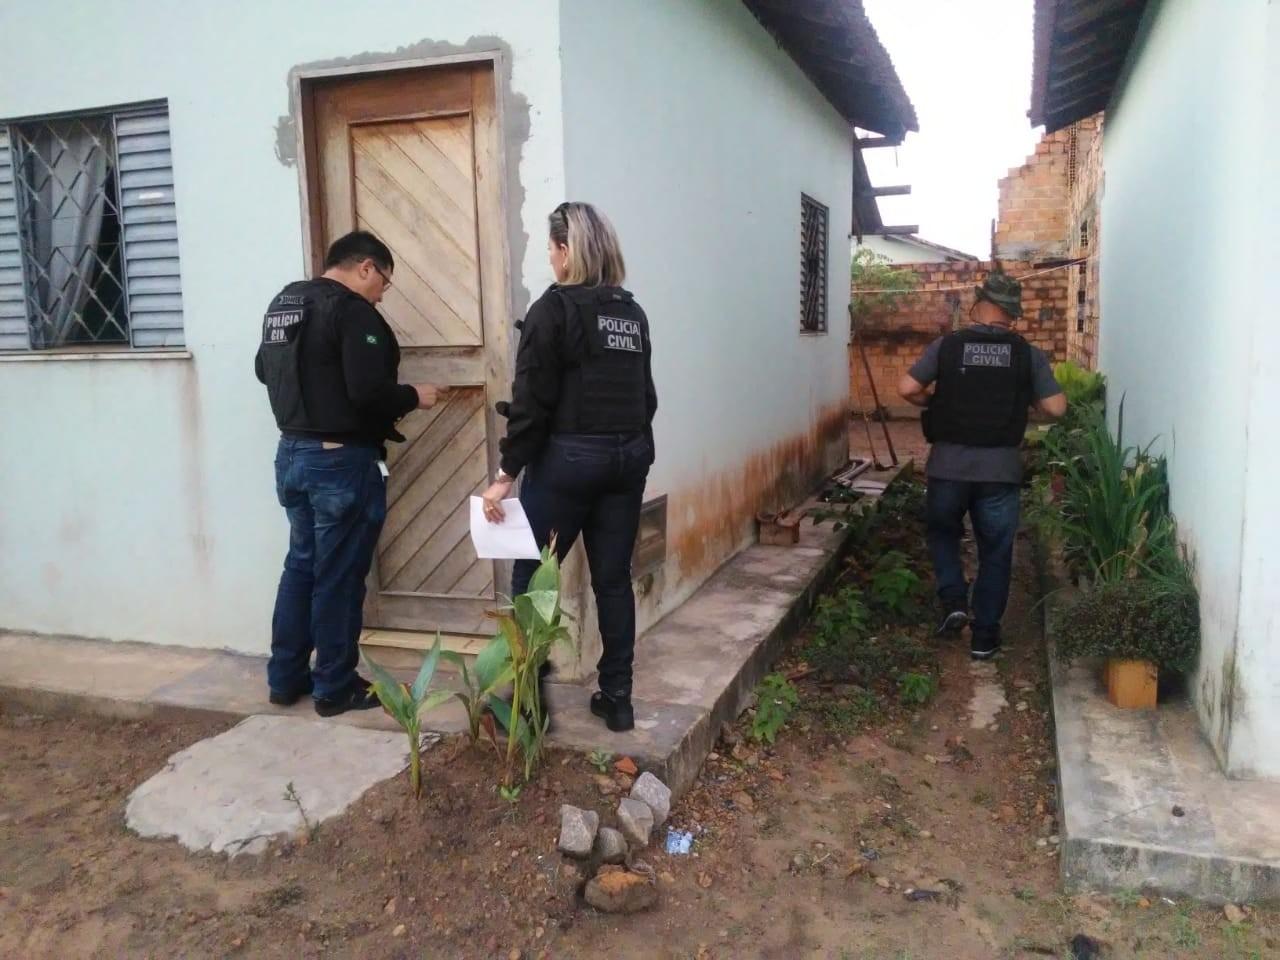 Operação Modelo cumpre mais de 50 mandados judiciais em sete municípios do PA - Notícias - Plantão Diário